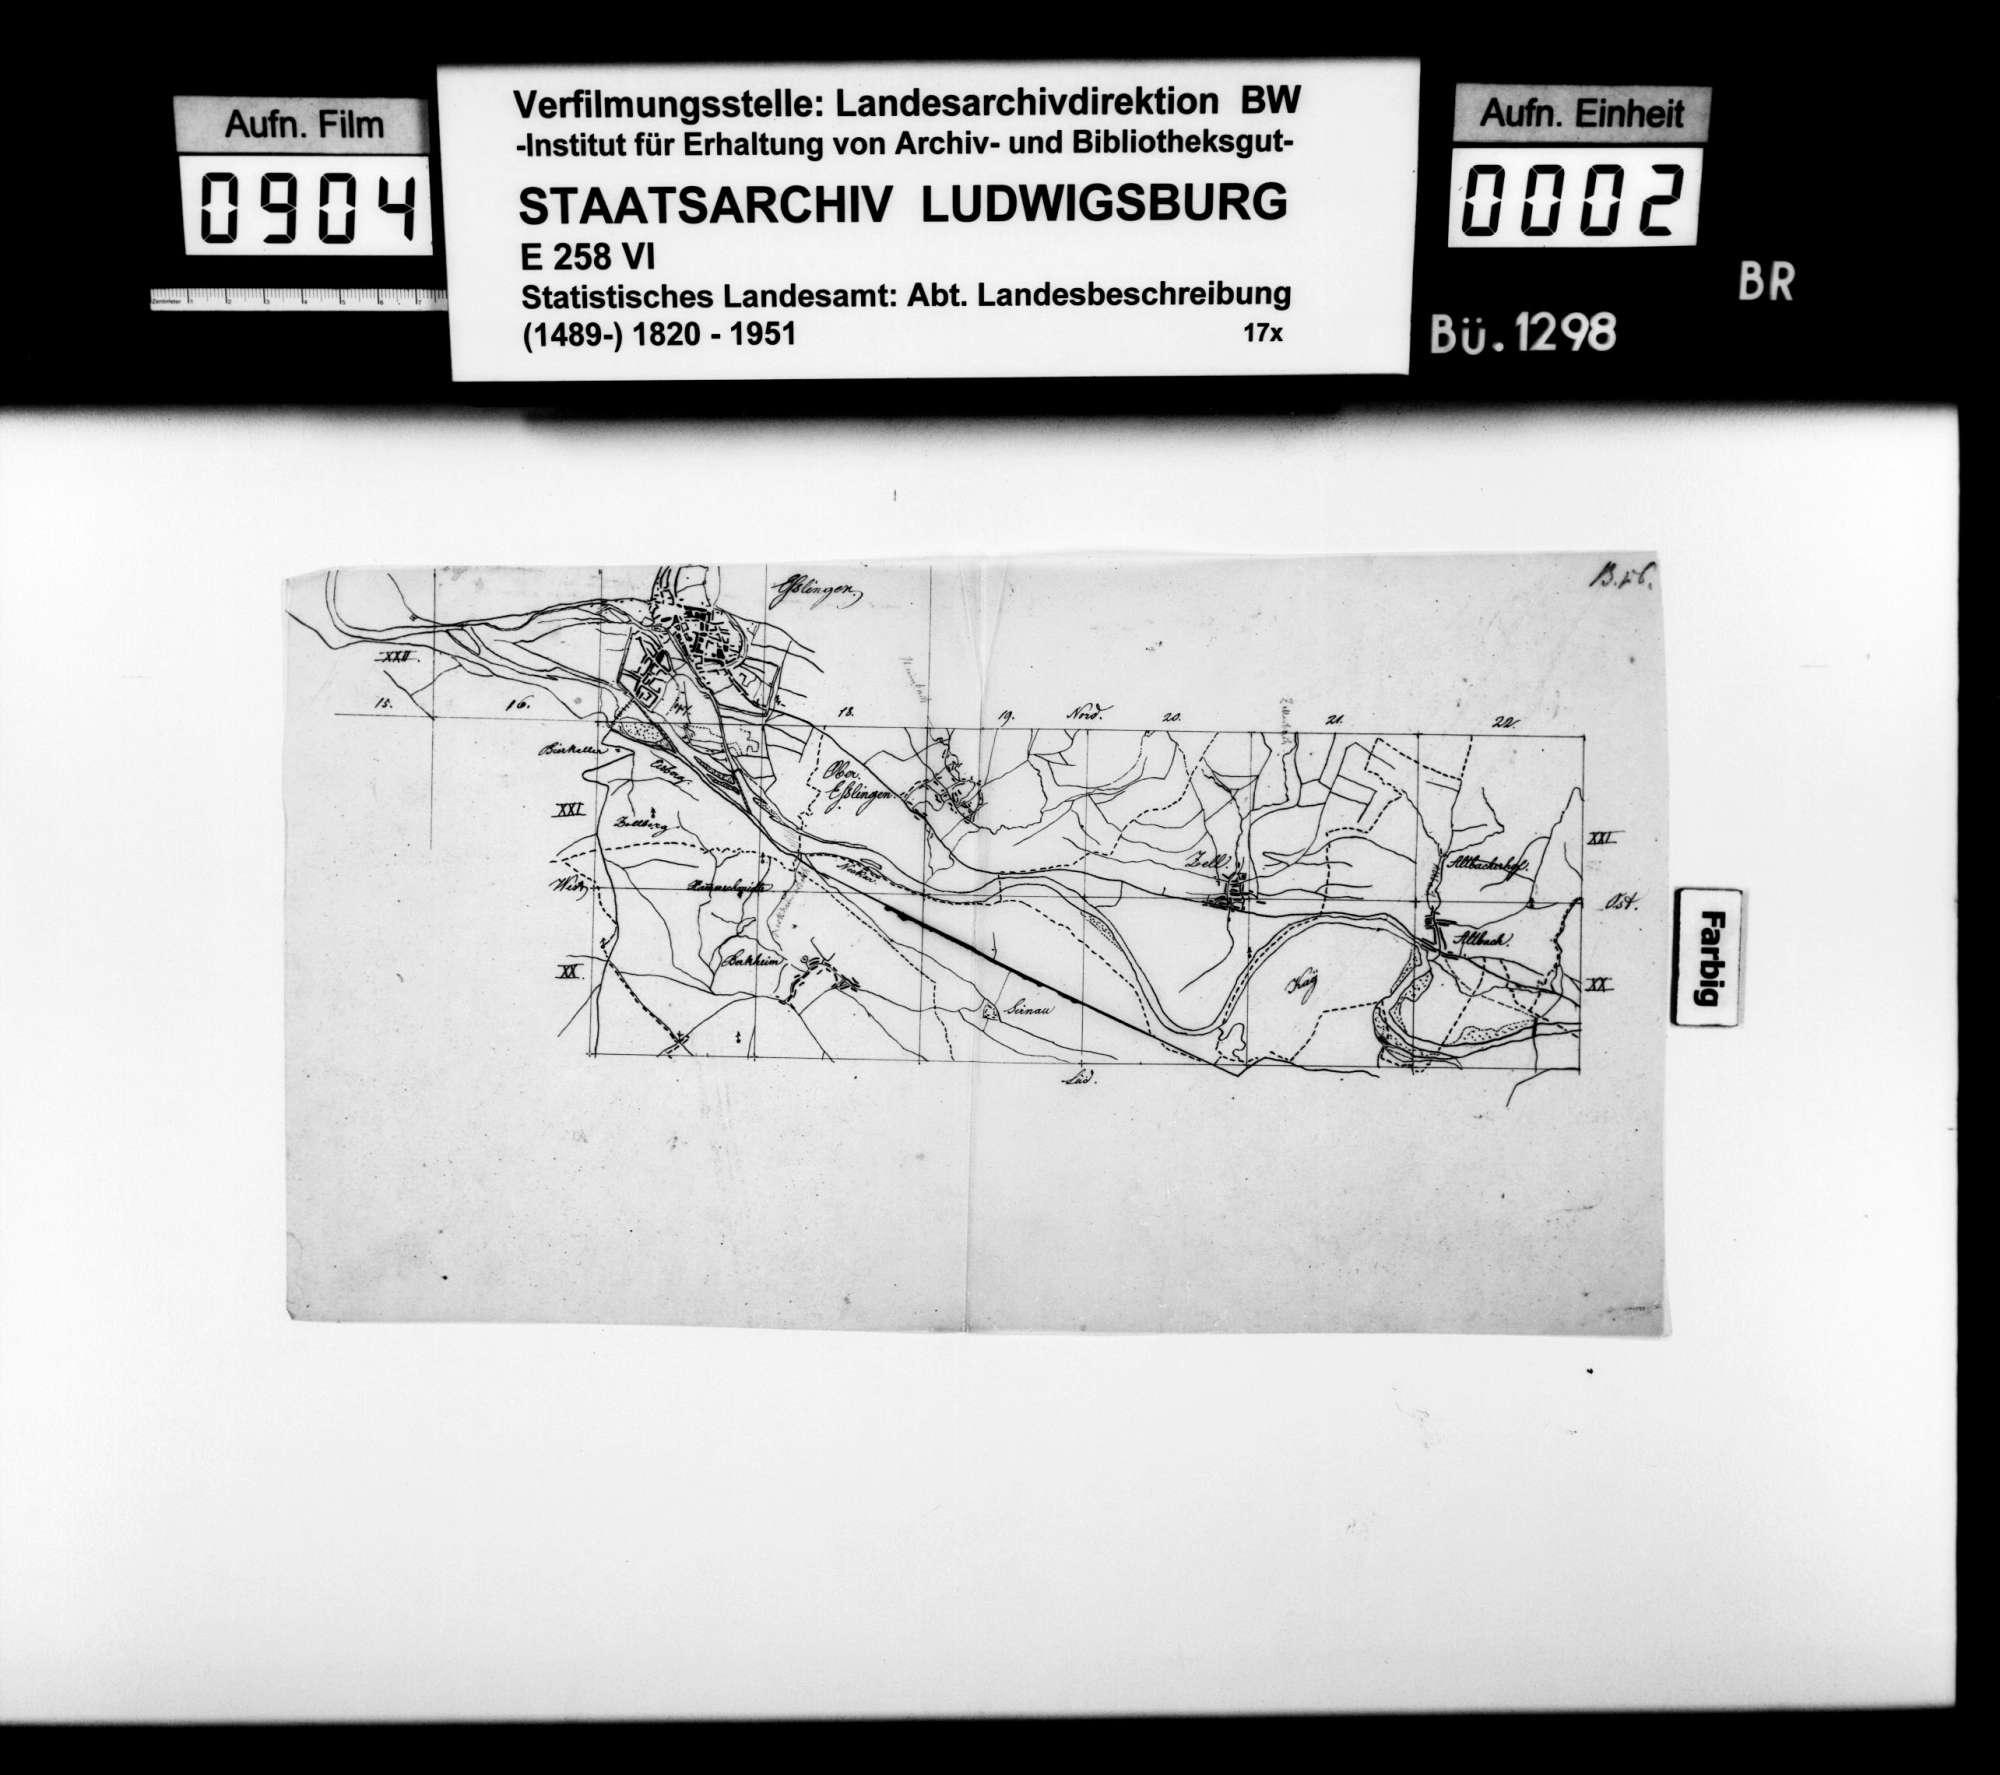 Skizzen der Flurkartenquadrate XX 15 - XX 22 (Esslingen-Altbach) und XVII 13 - XV 18 (Sielmingen-Denkendorf) im Maßstab ca. 1:25 000, Bild 1